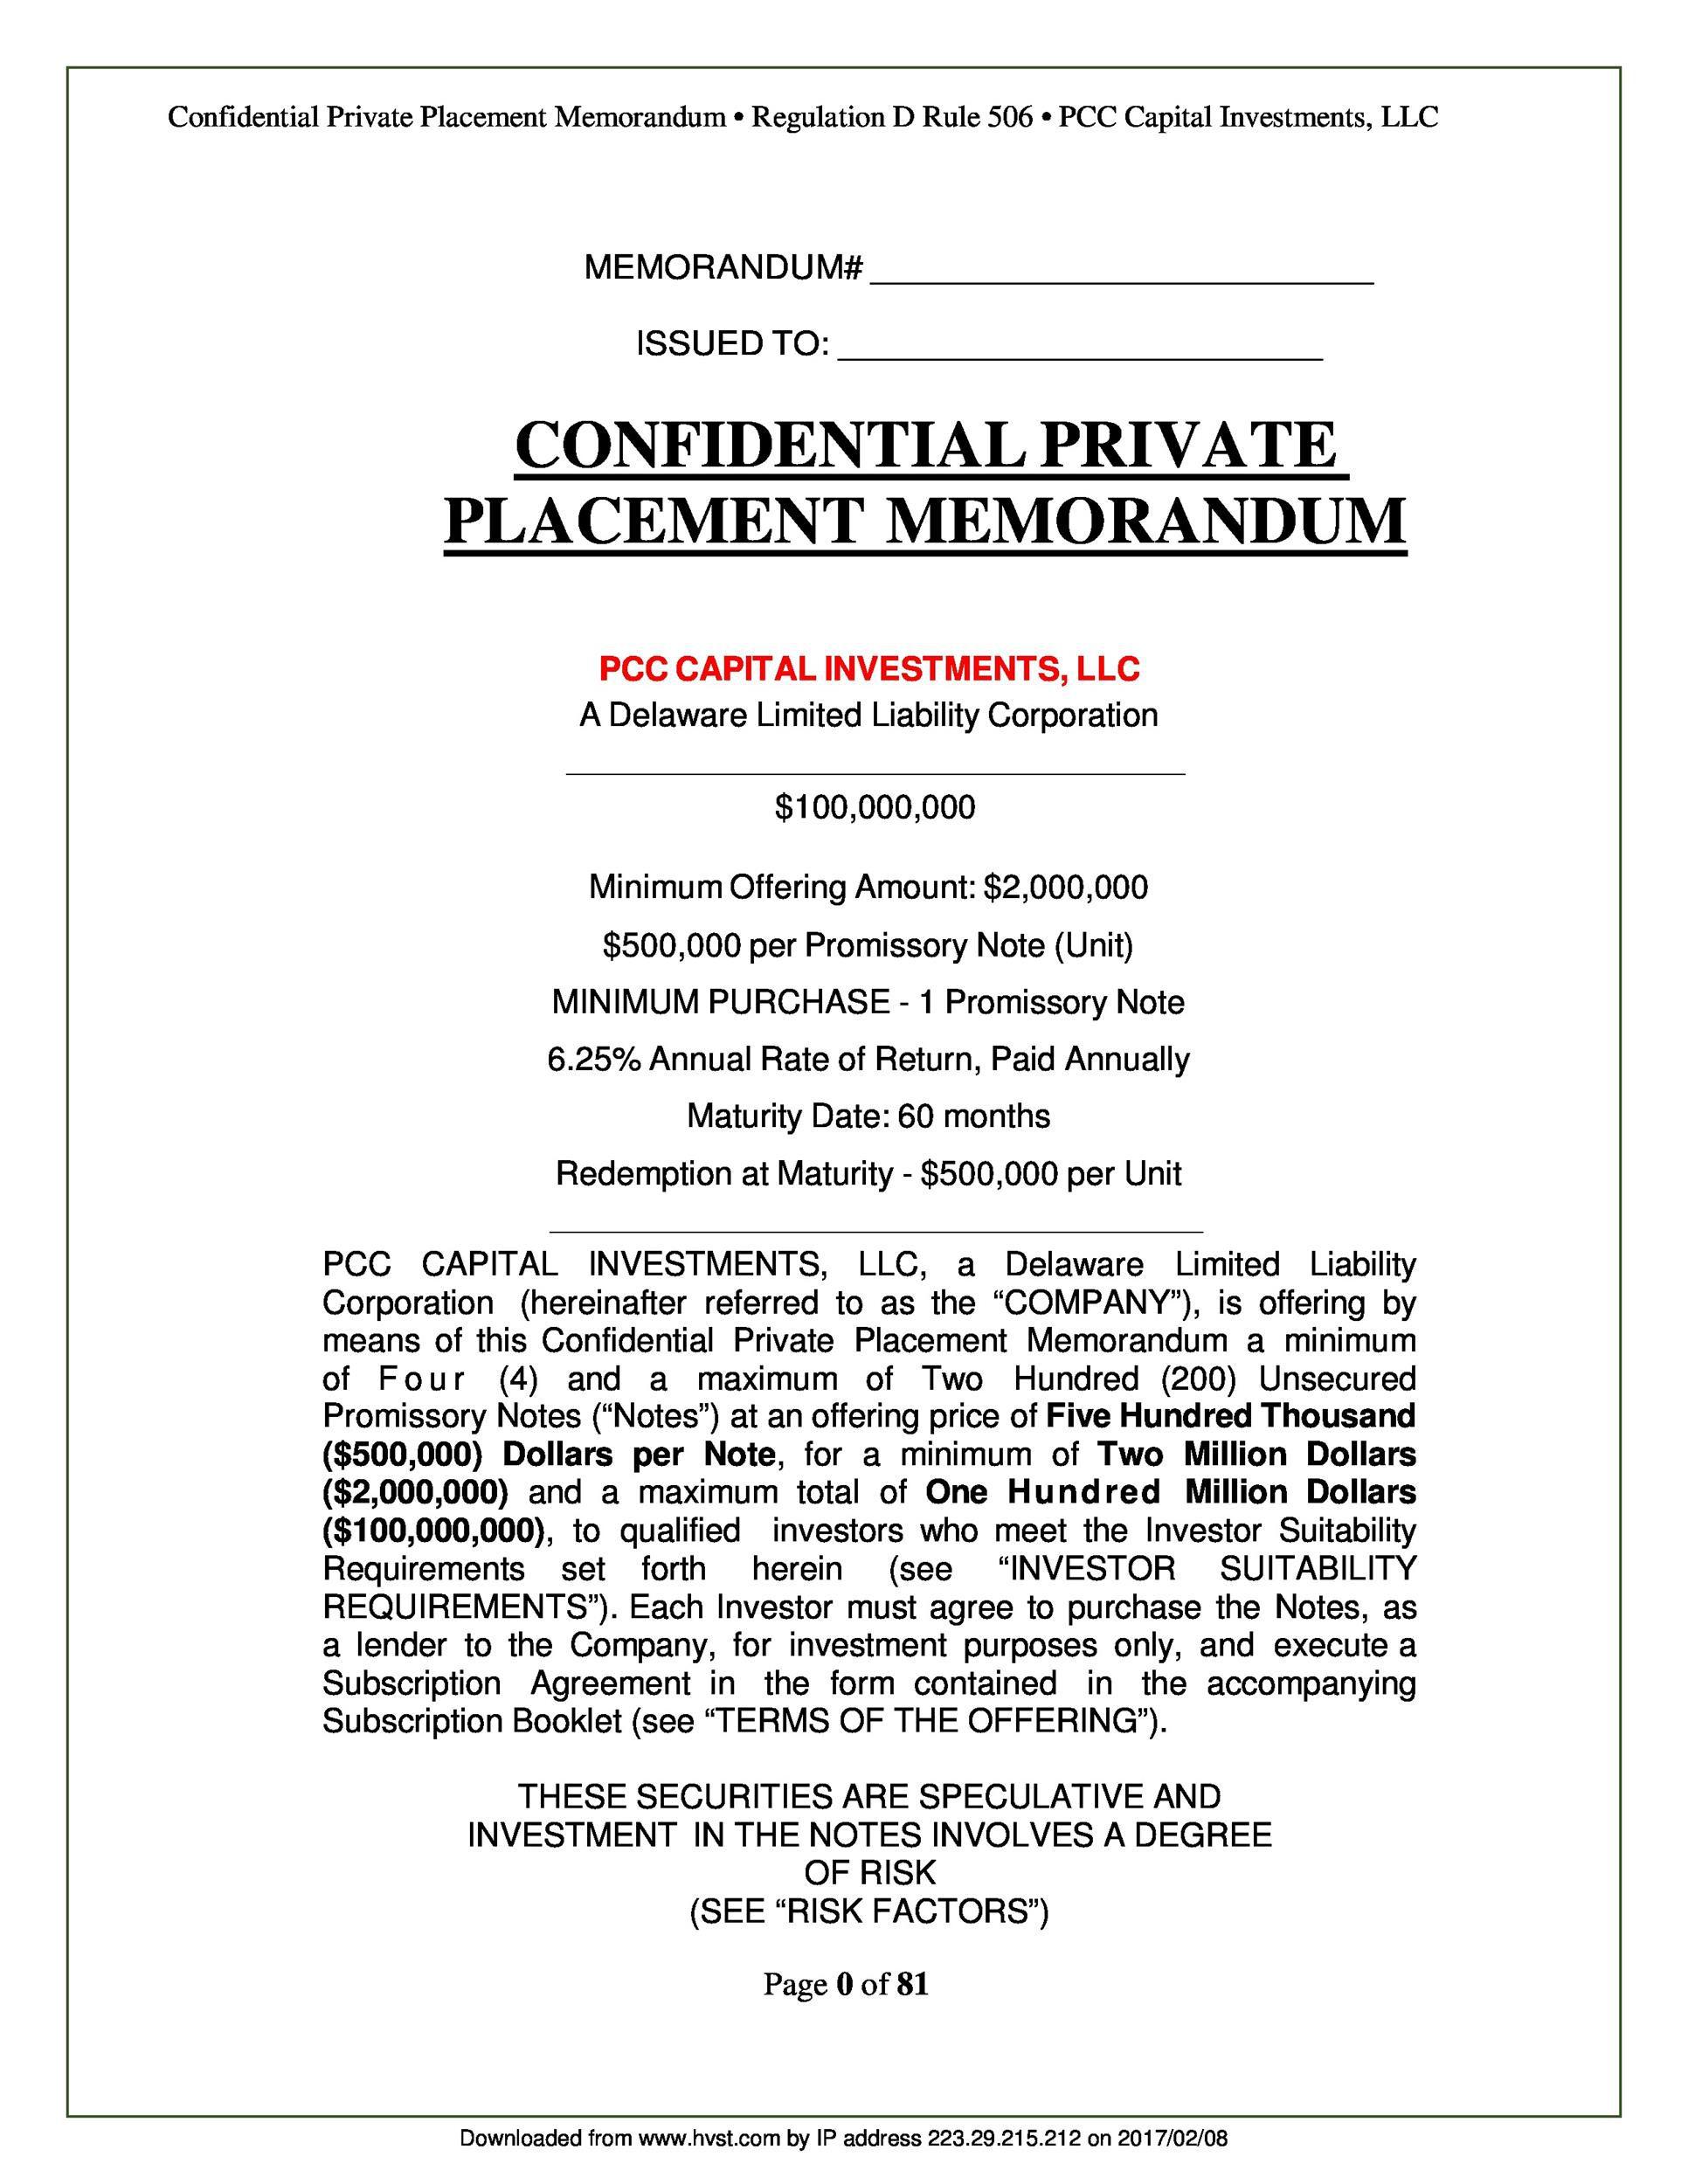 002 Wonderful Private Placement Memorandum Sample High Definition  Samples Template Singapore PdfFull